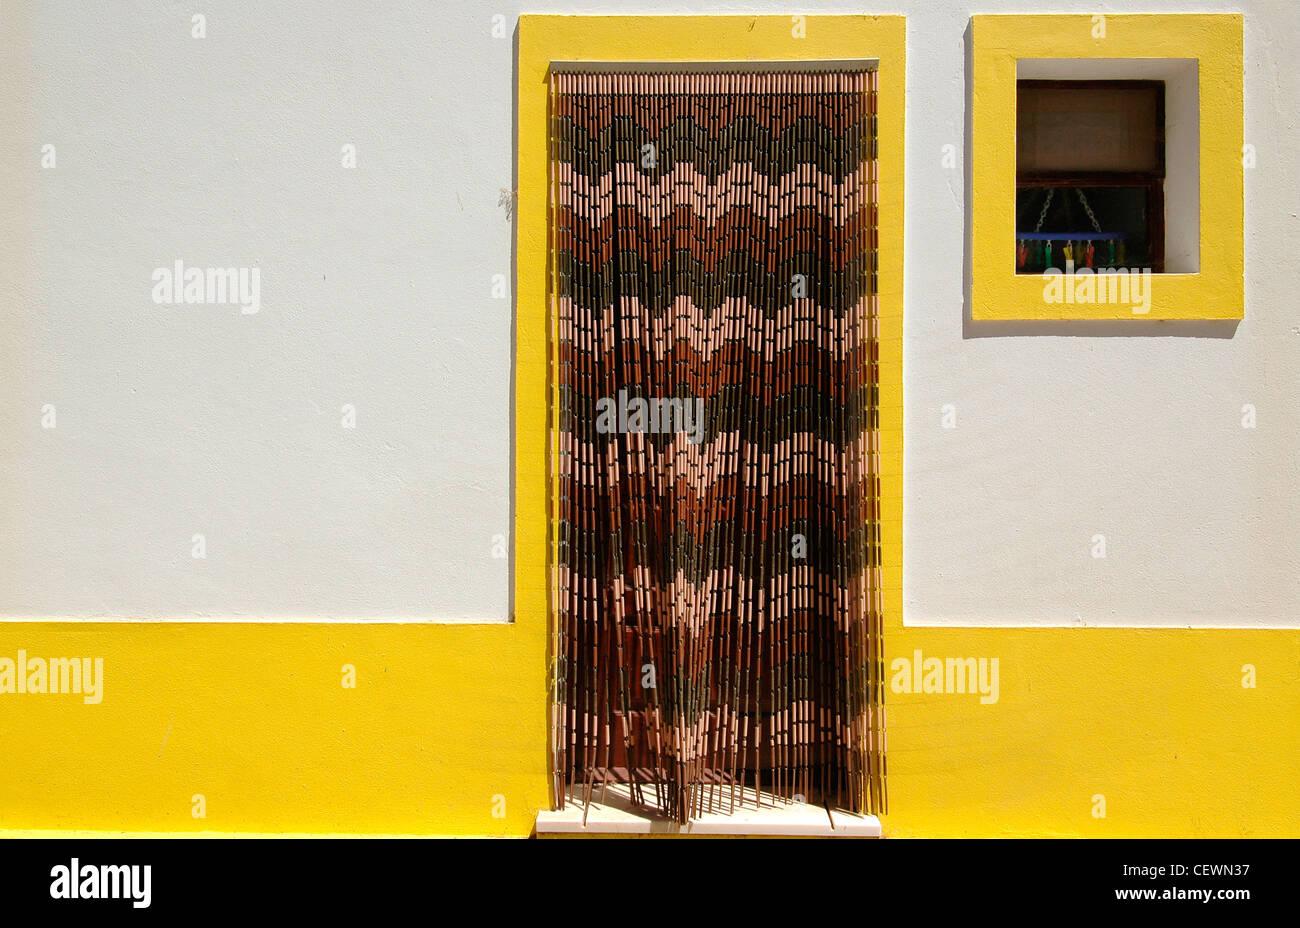 Eine Tür mit Holz Perlen Vorhang aus Bambus eines Hauses mit Bands ...